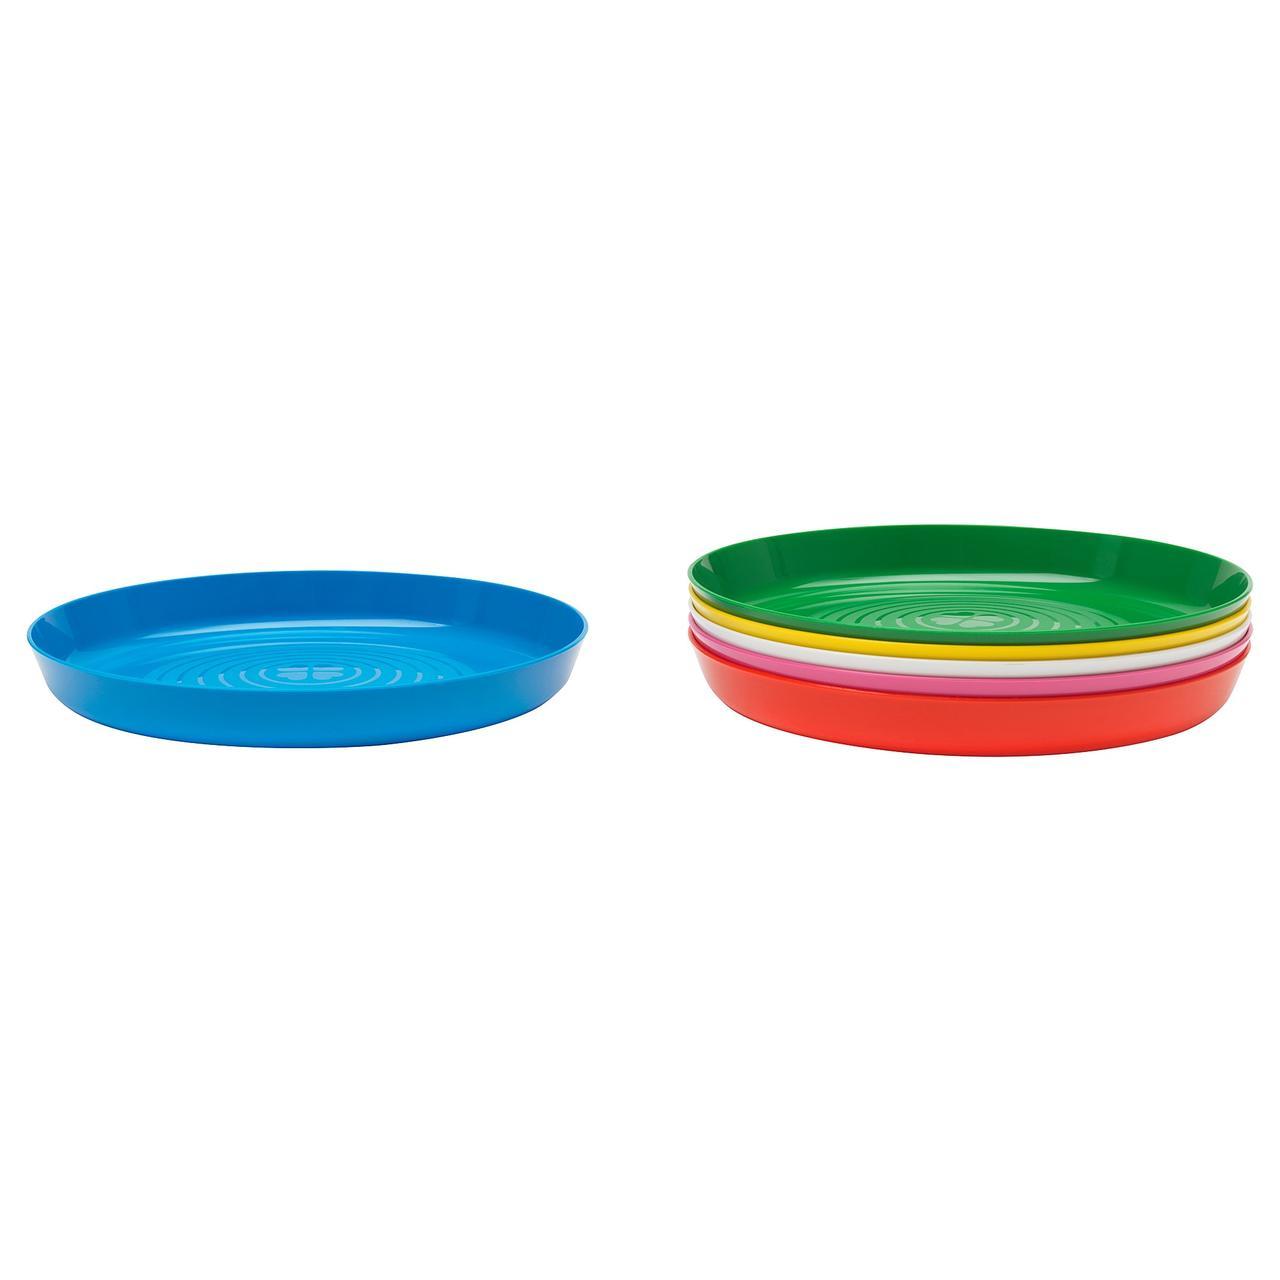 КАЛАС Набор детских тарелок, 6 штук, разноцветный, 30421301, ИКЕА, IKEA, KALAS